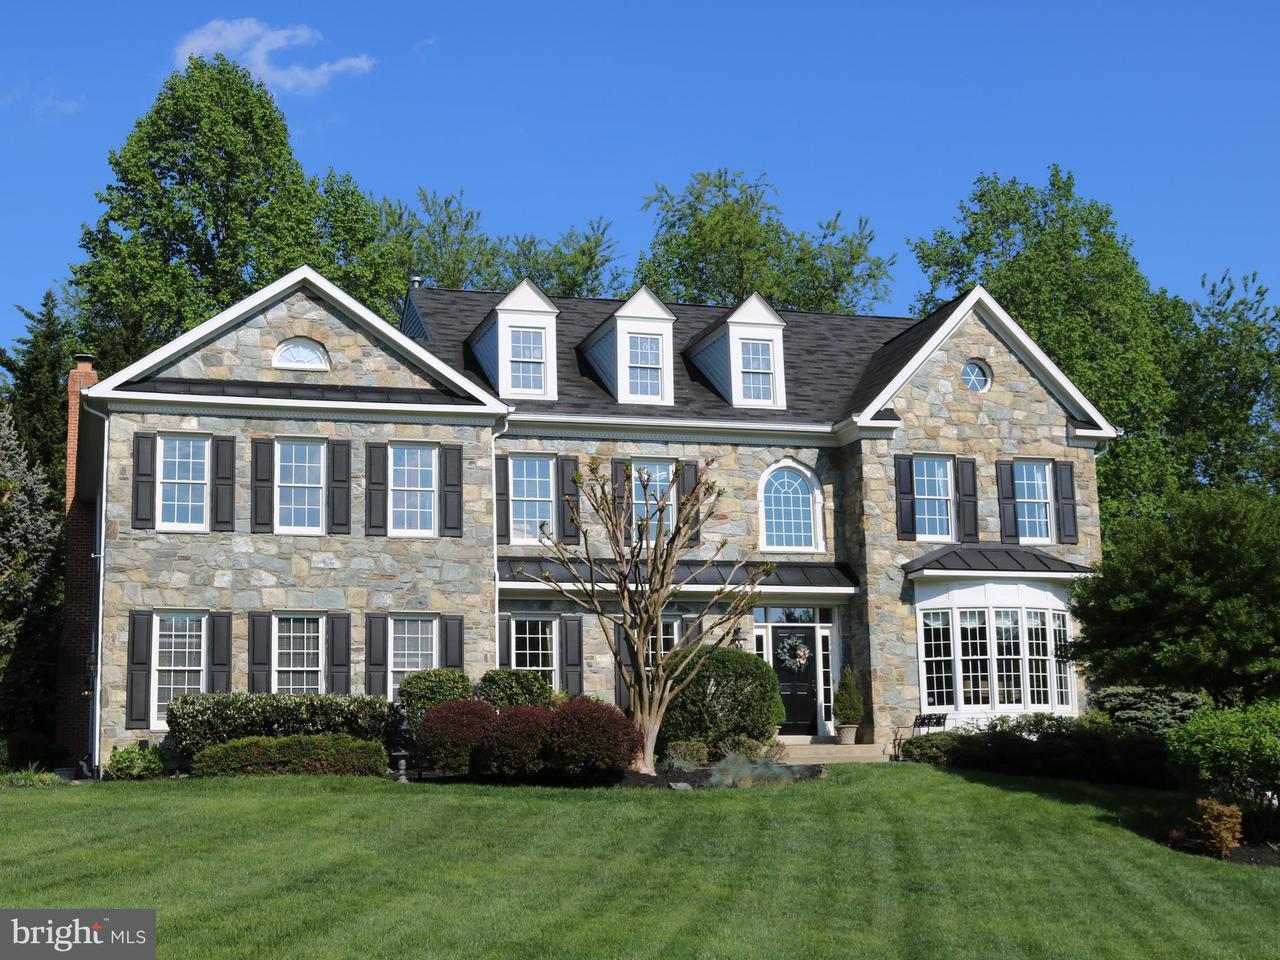 단독 가정 주택 용 매매 에 4008 Wild Grape Court 4008 Wild Grape Court Rockville, 메릴랜드 20853 미국